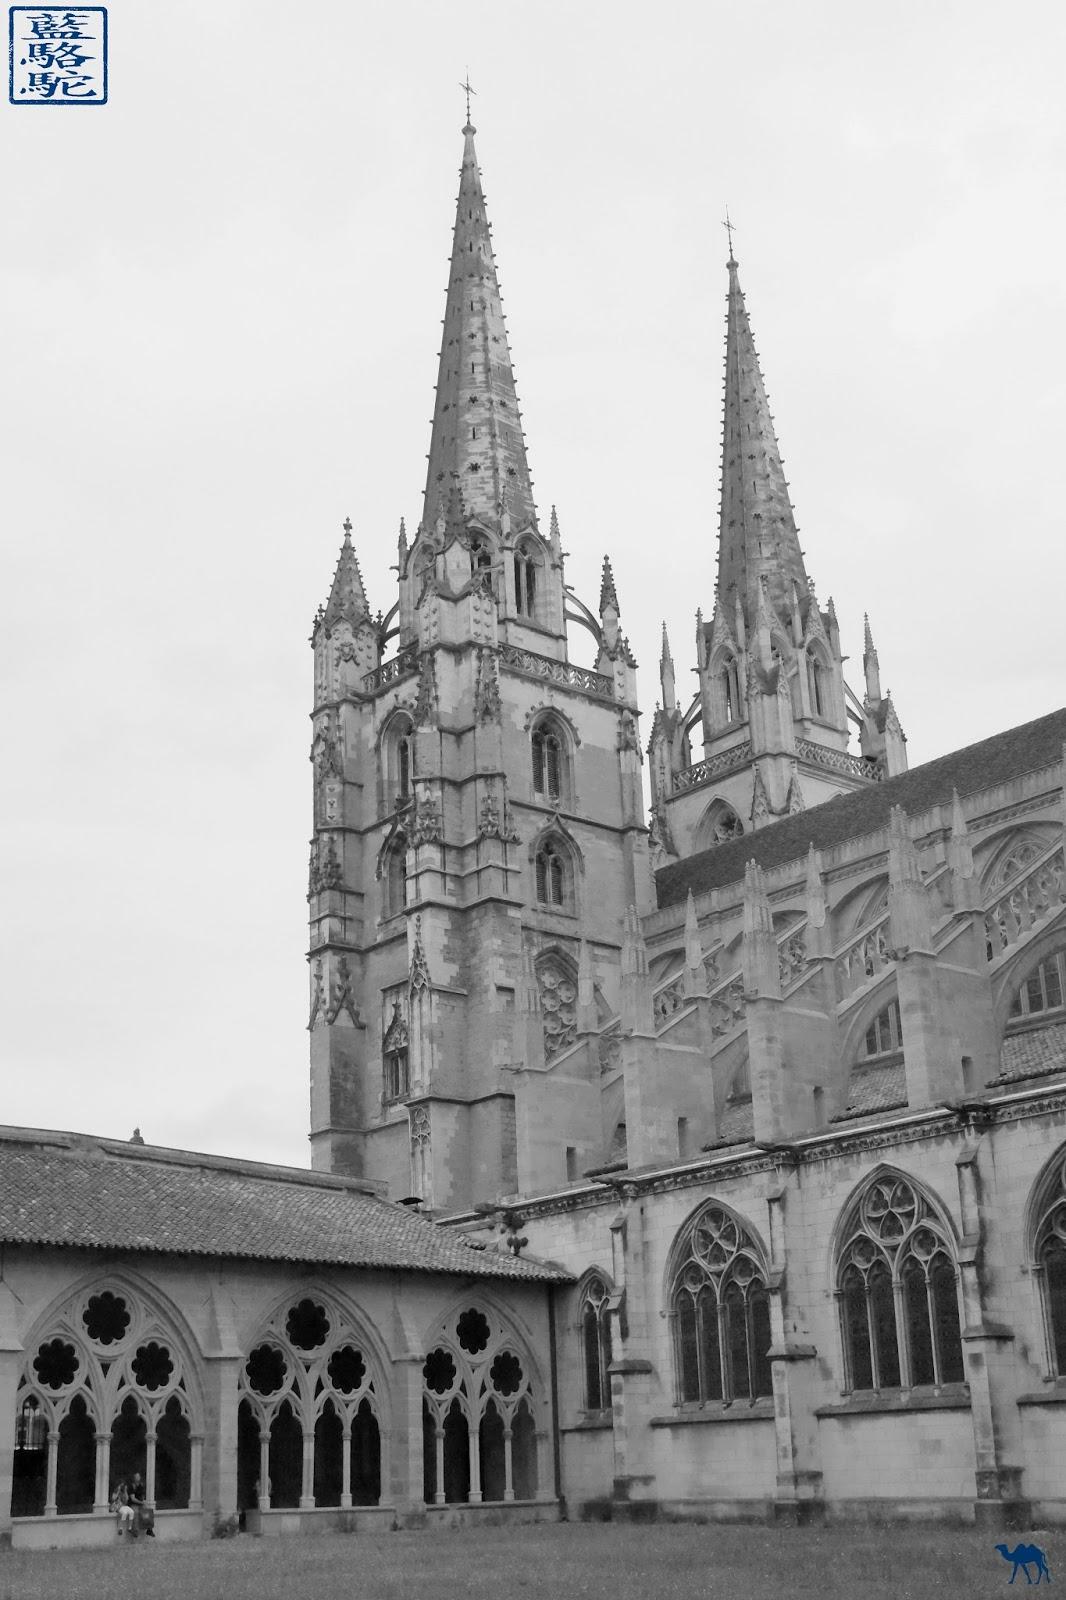 Le Chameau Bleu - Blog Voyage Bayonne France - Cathédrale Sainte Marie de Bayonne